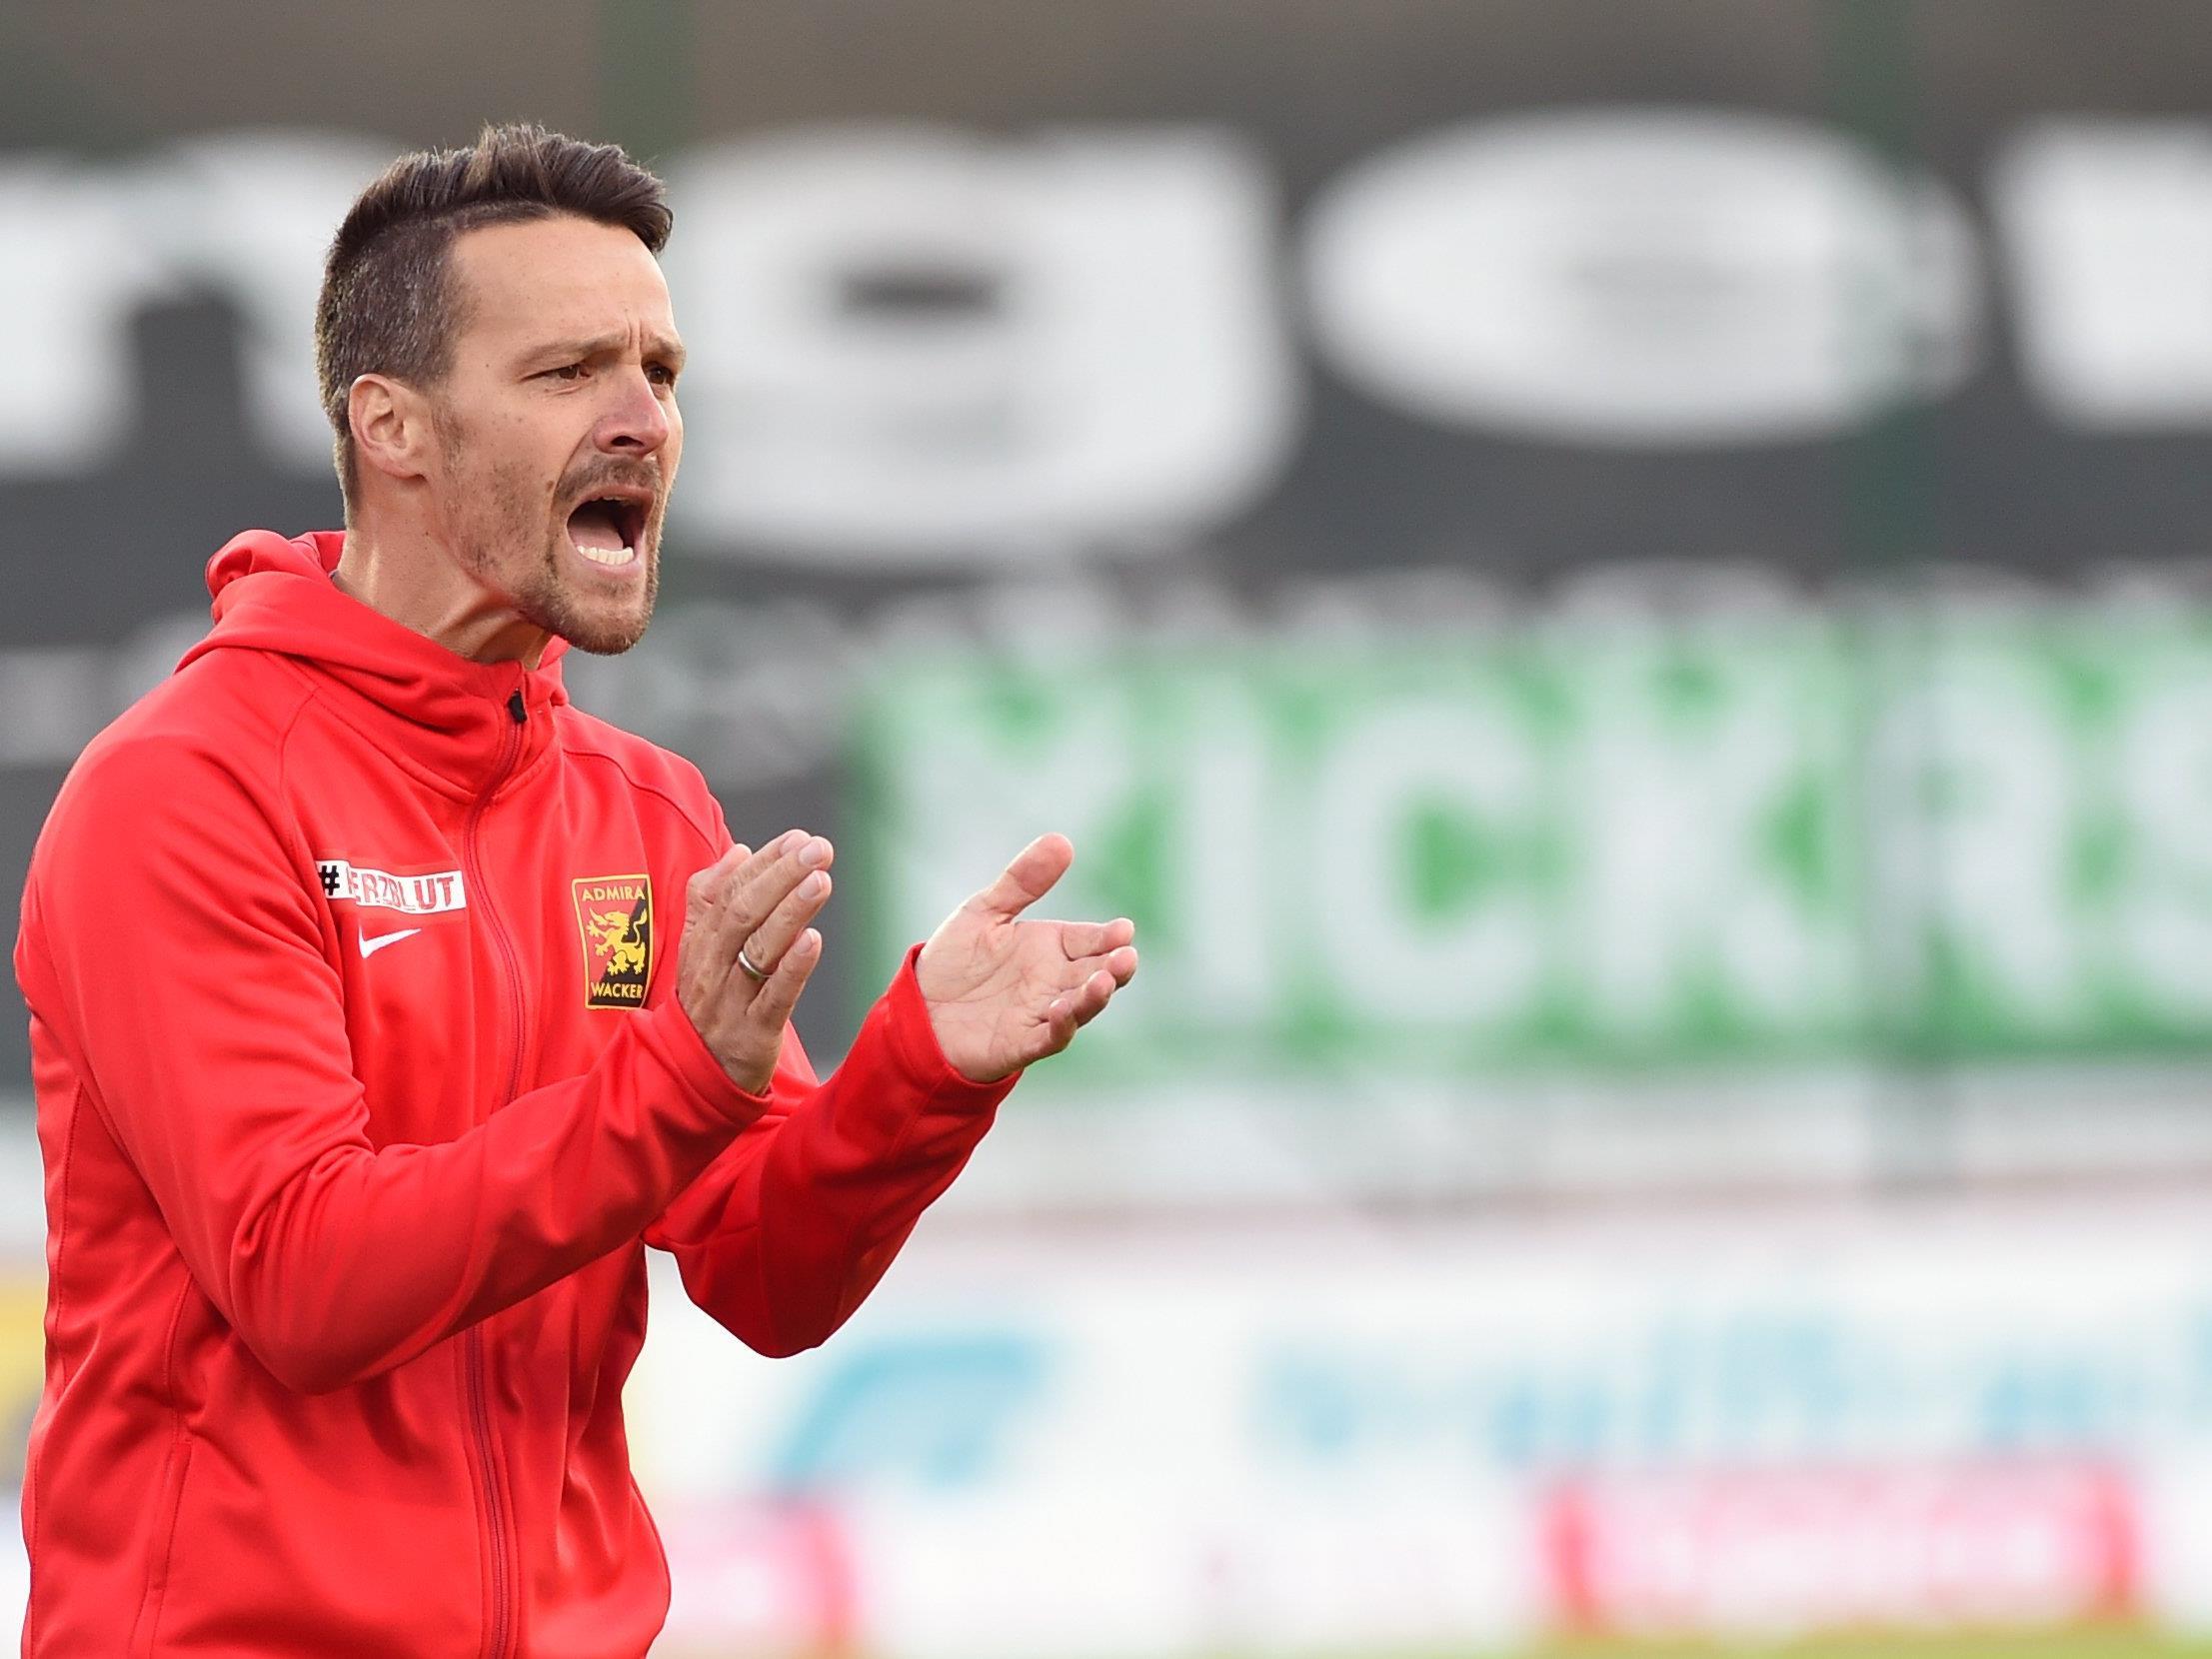 Das sind die Meinungen nach dem Spiel Admira Wacker Mödling gegen Rapid Wien.